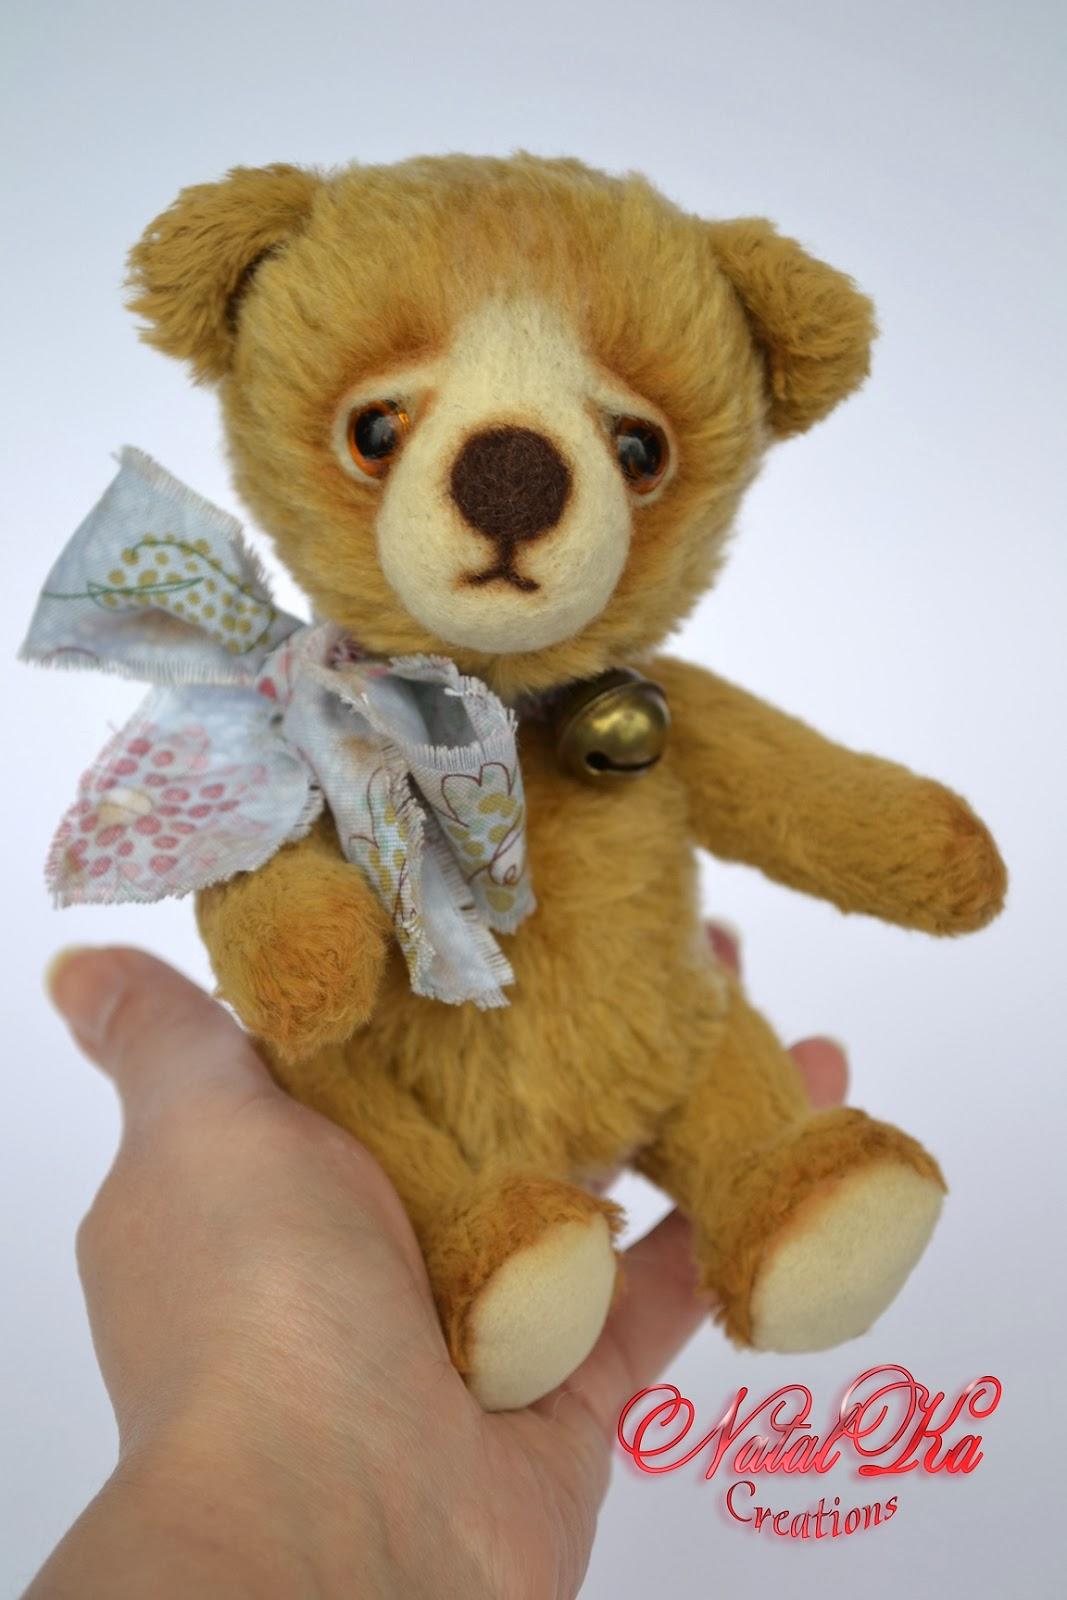 Künstler Teddybär handgemacht von NatalKa Creations. Artis teddy bear handmade by NatalKa Creations.